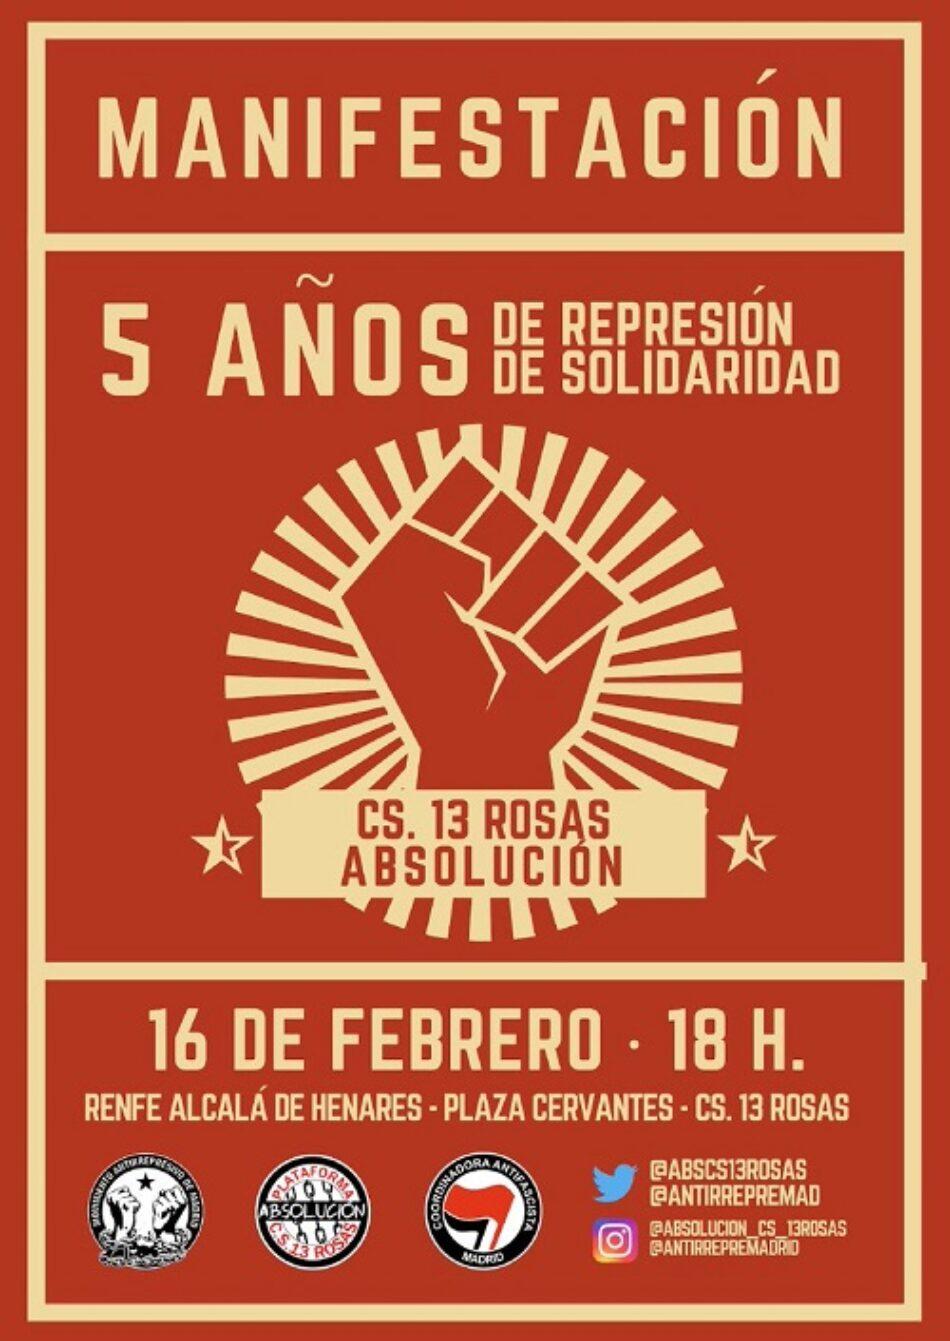 Manifestación este sábado en Alcalá de Henares para exigir la absolución de Elena y Jesús